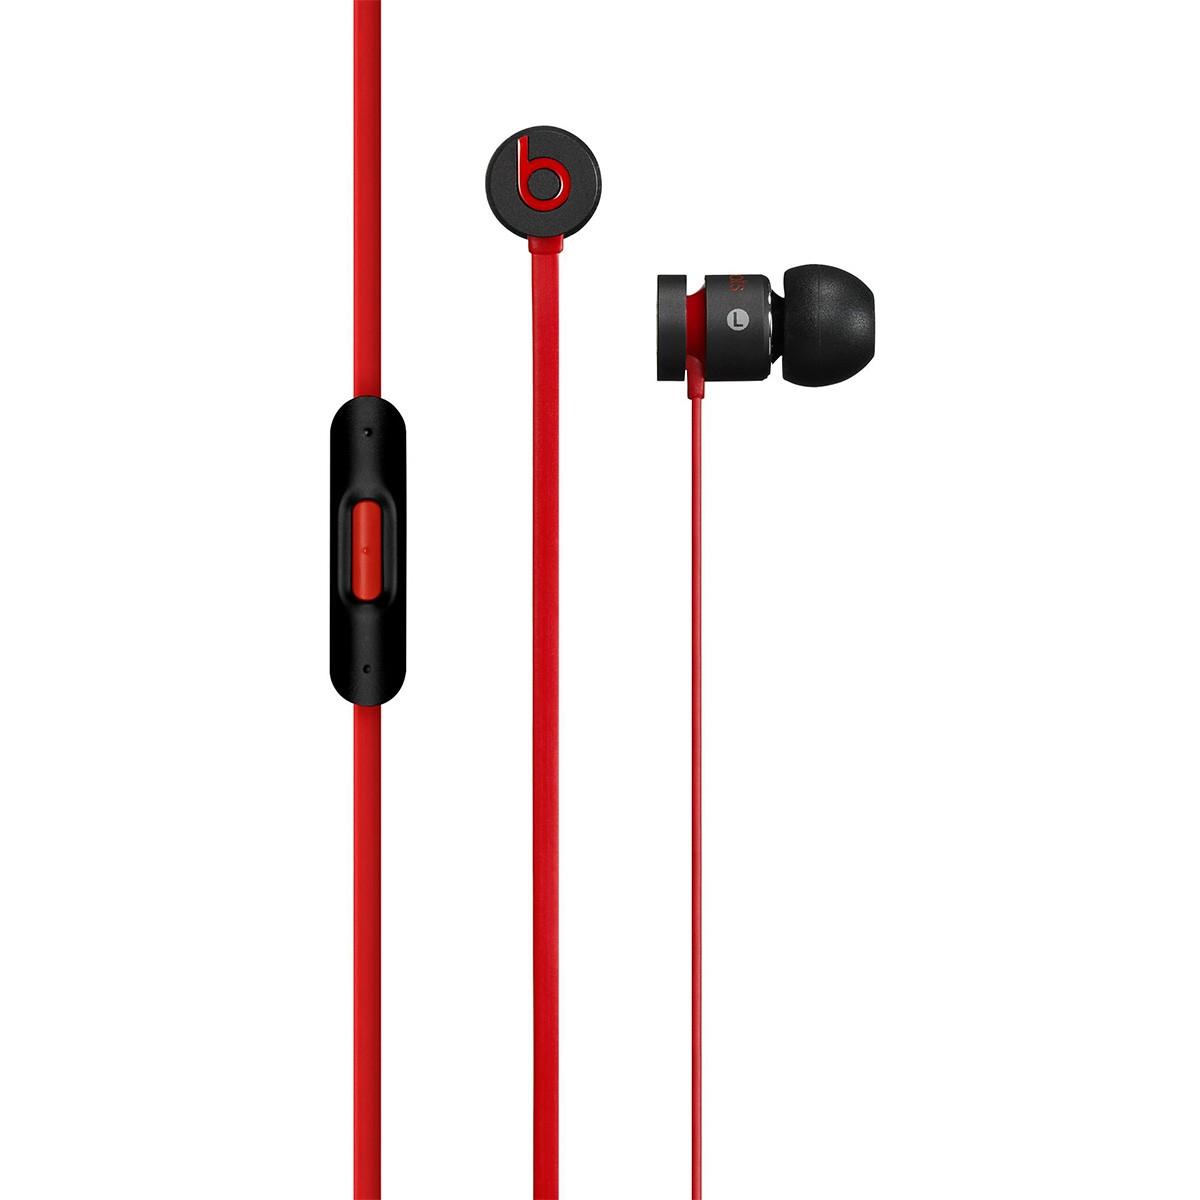 Sluchátka do uší Beats by Dr. Dre urBeats, černá